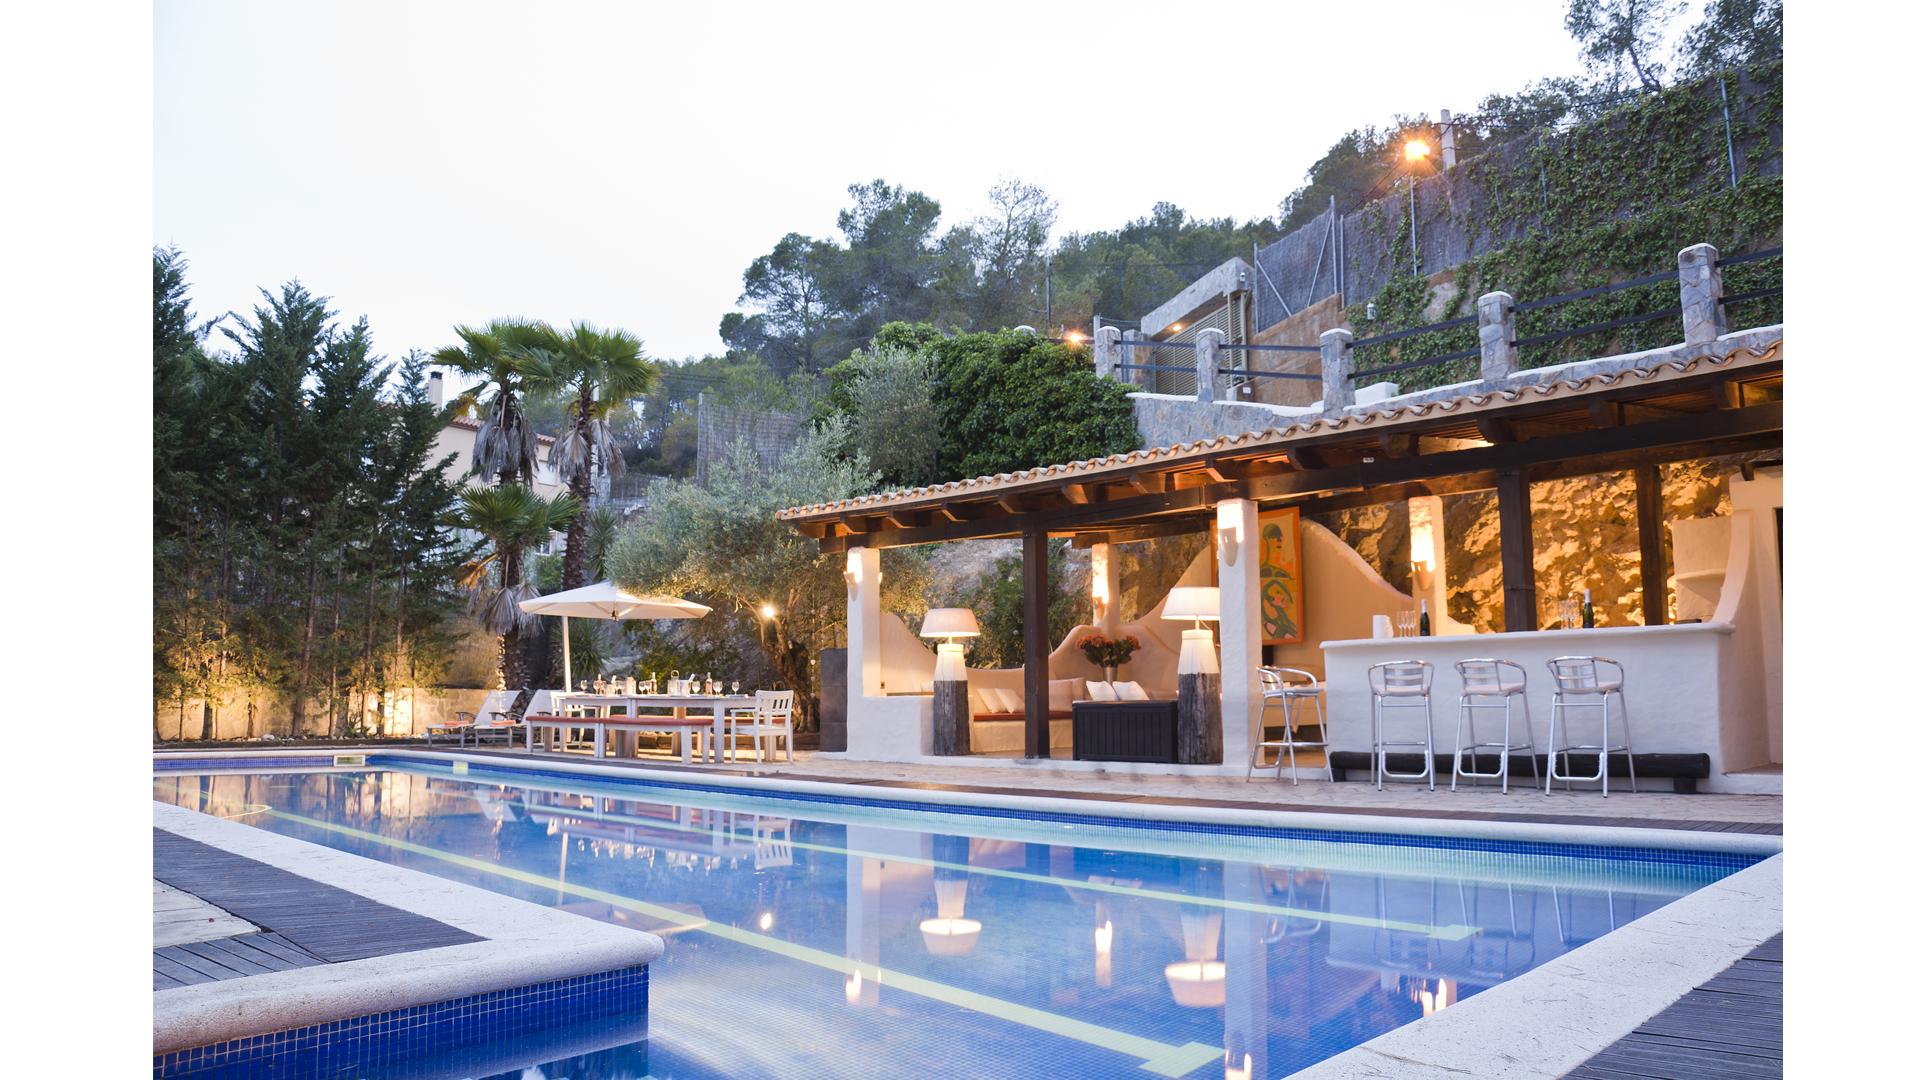 Ferienhaus Villa Palmera, Paradies in der Nhe von Barcelona, luxurise Villa fr 22 Personen (2379177), Olivella, Costa del Garraf, Katalonien, Spanien, Bild 4